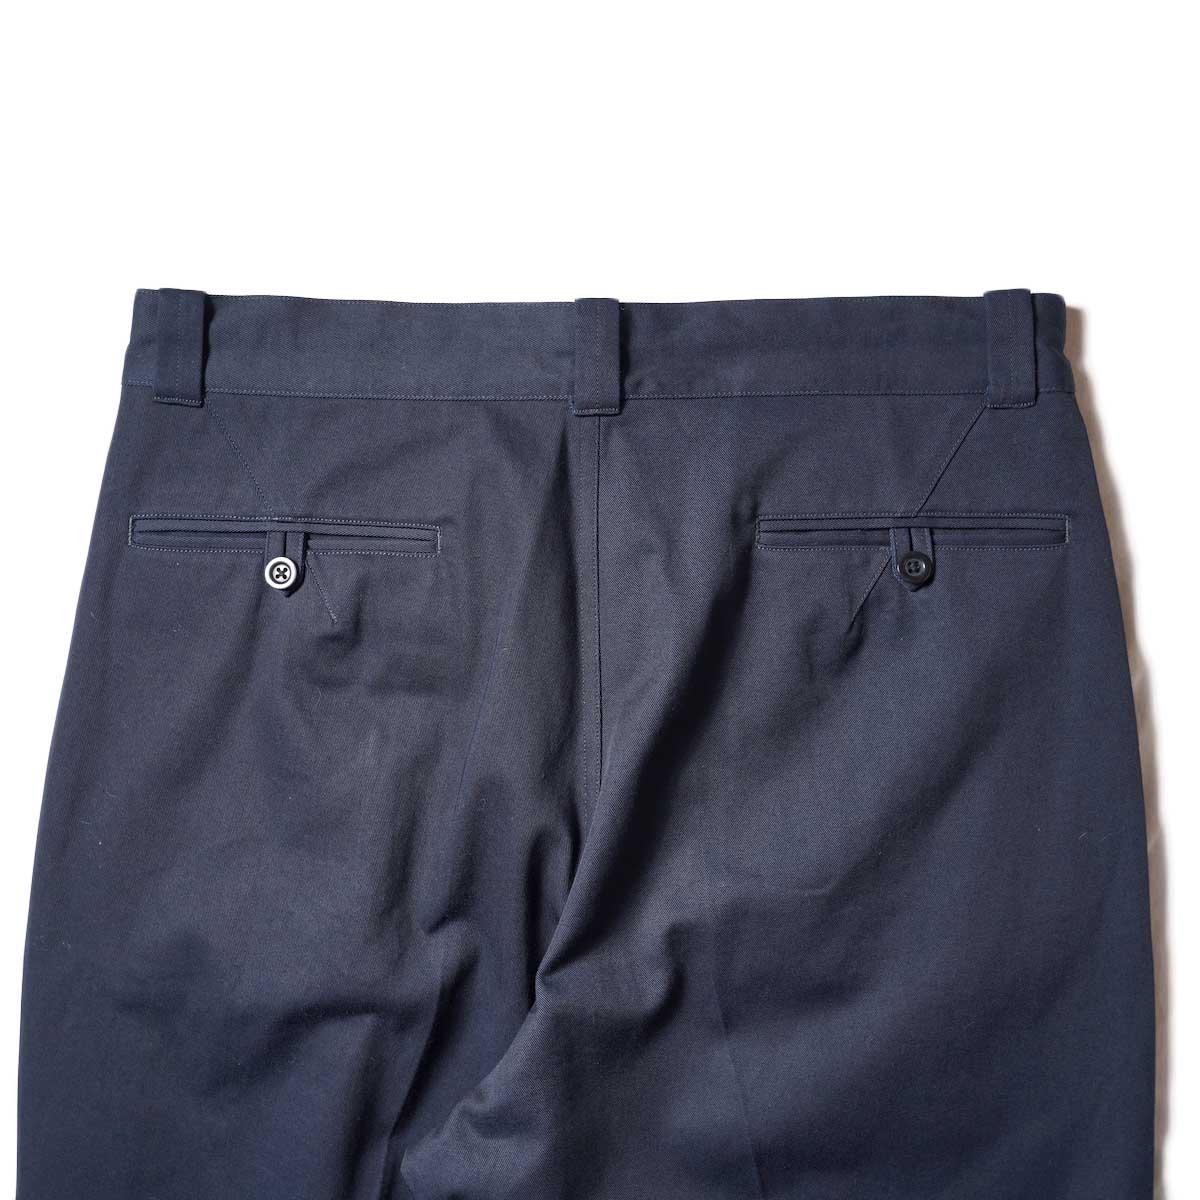 Blurhms / Chino Pants (Dark Navy)ヒップポケット